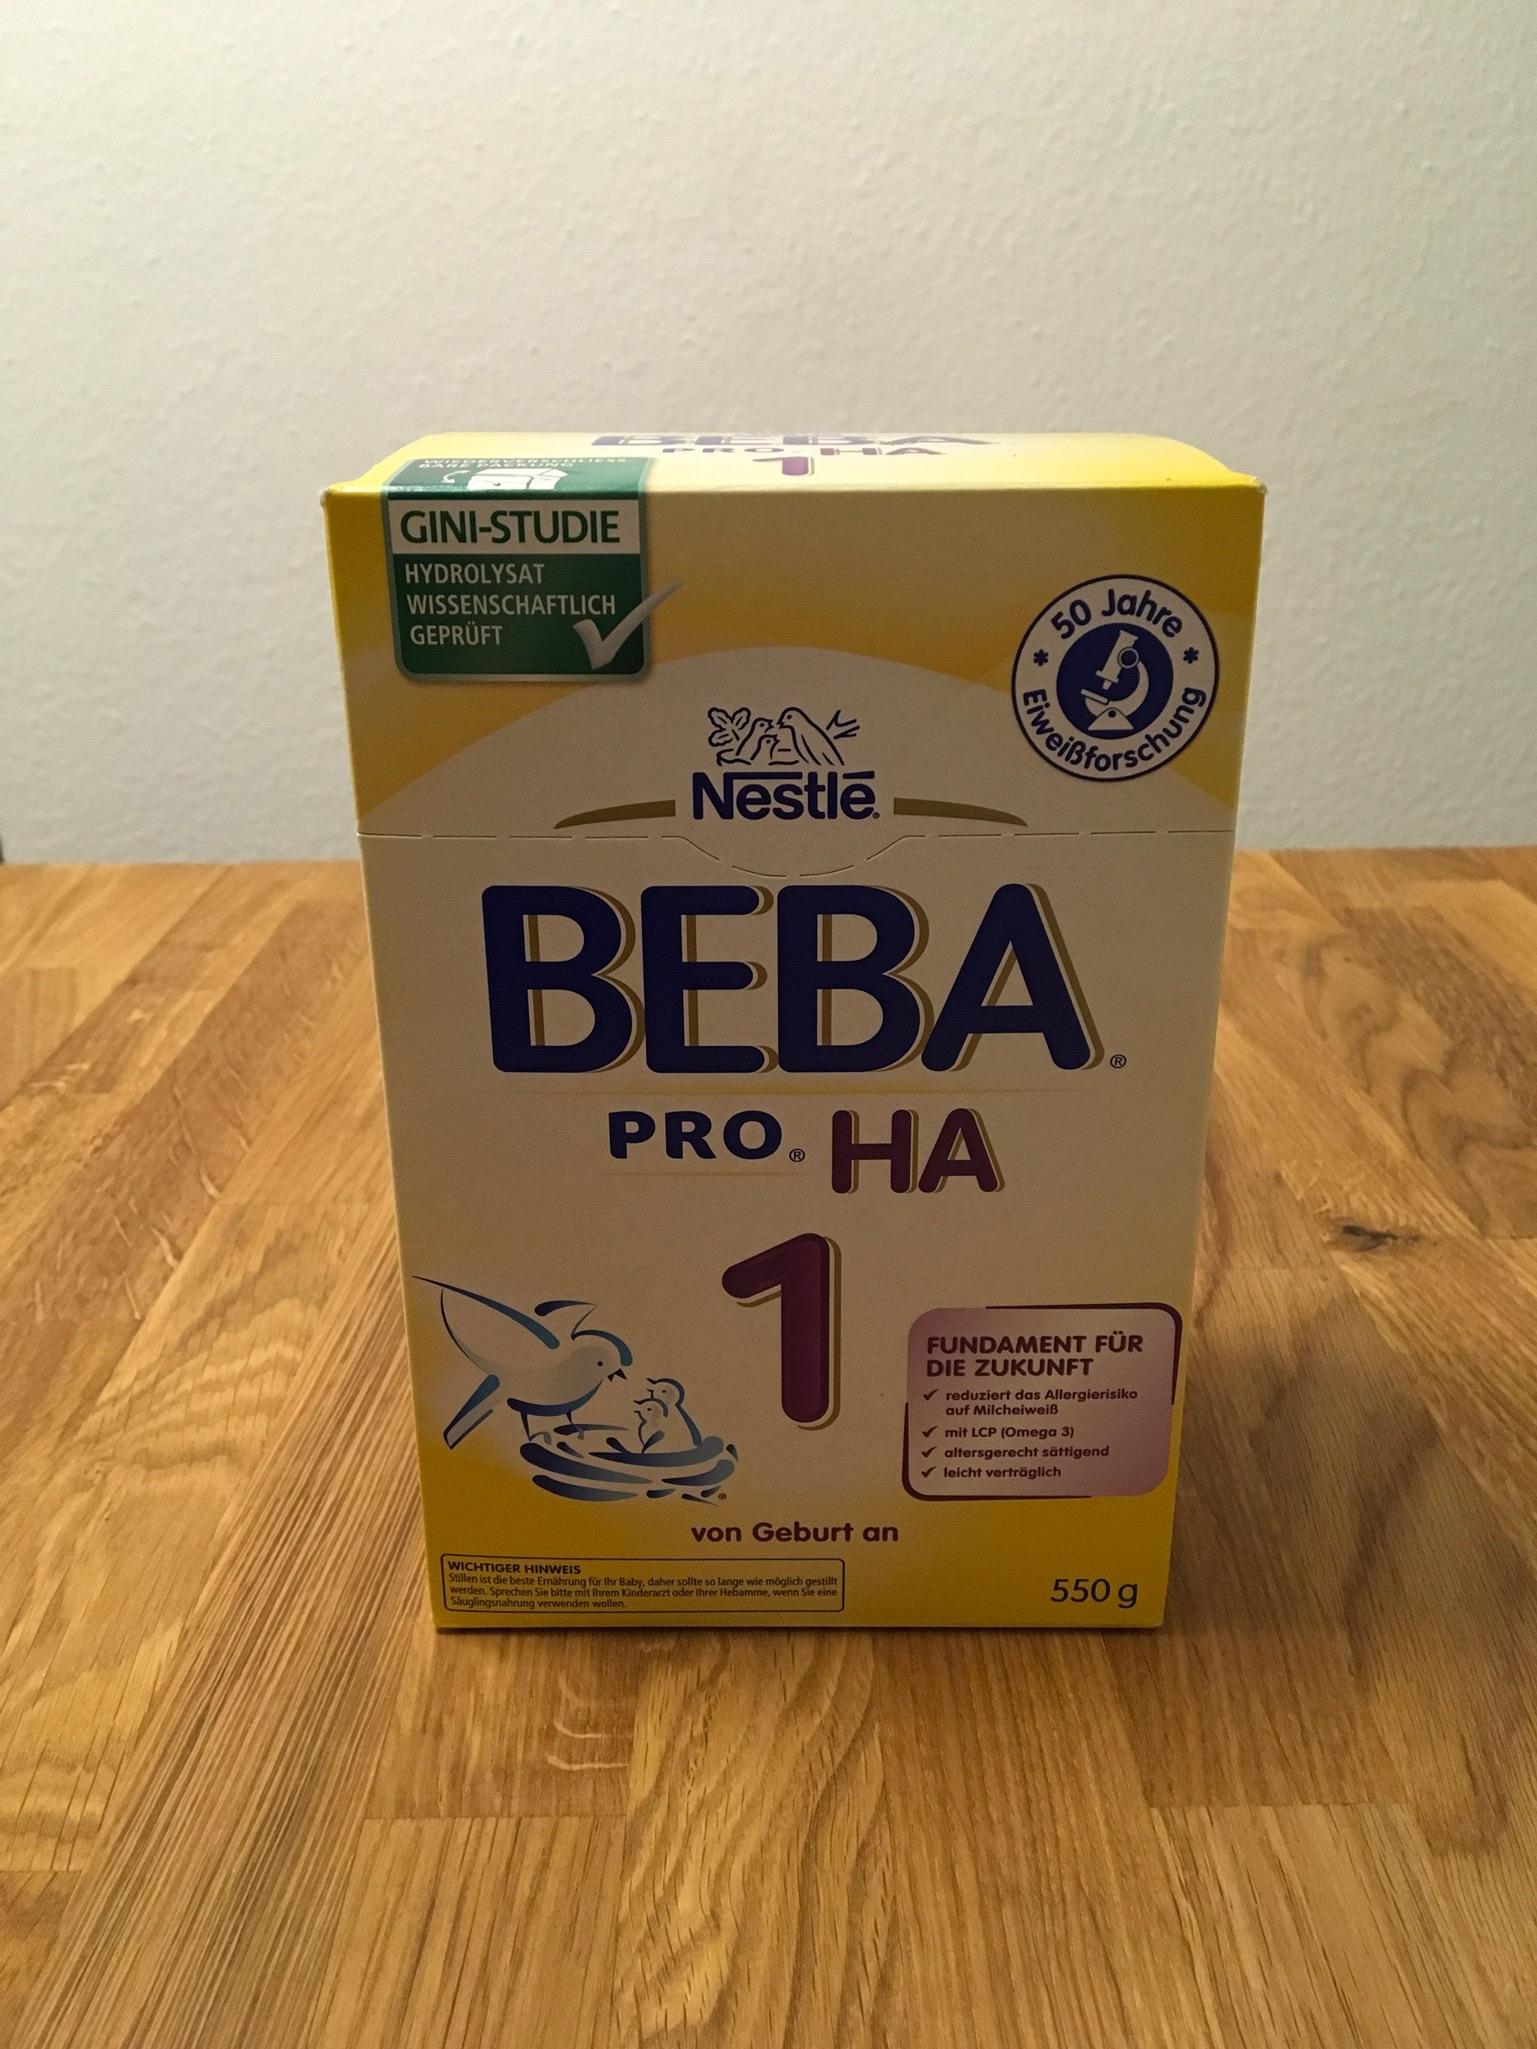 Zum Start: Beba HA Pre 1